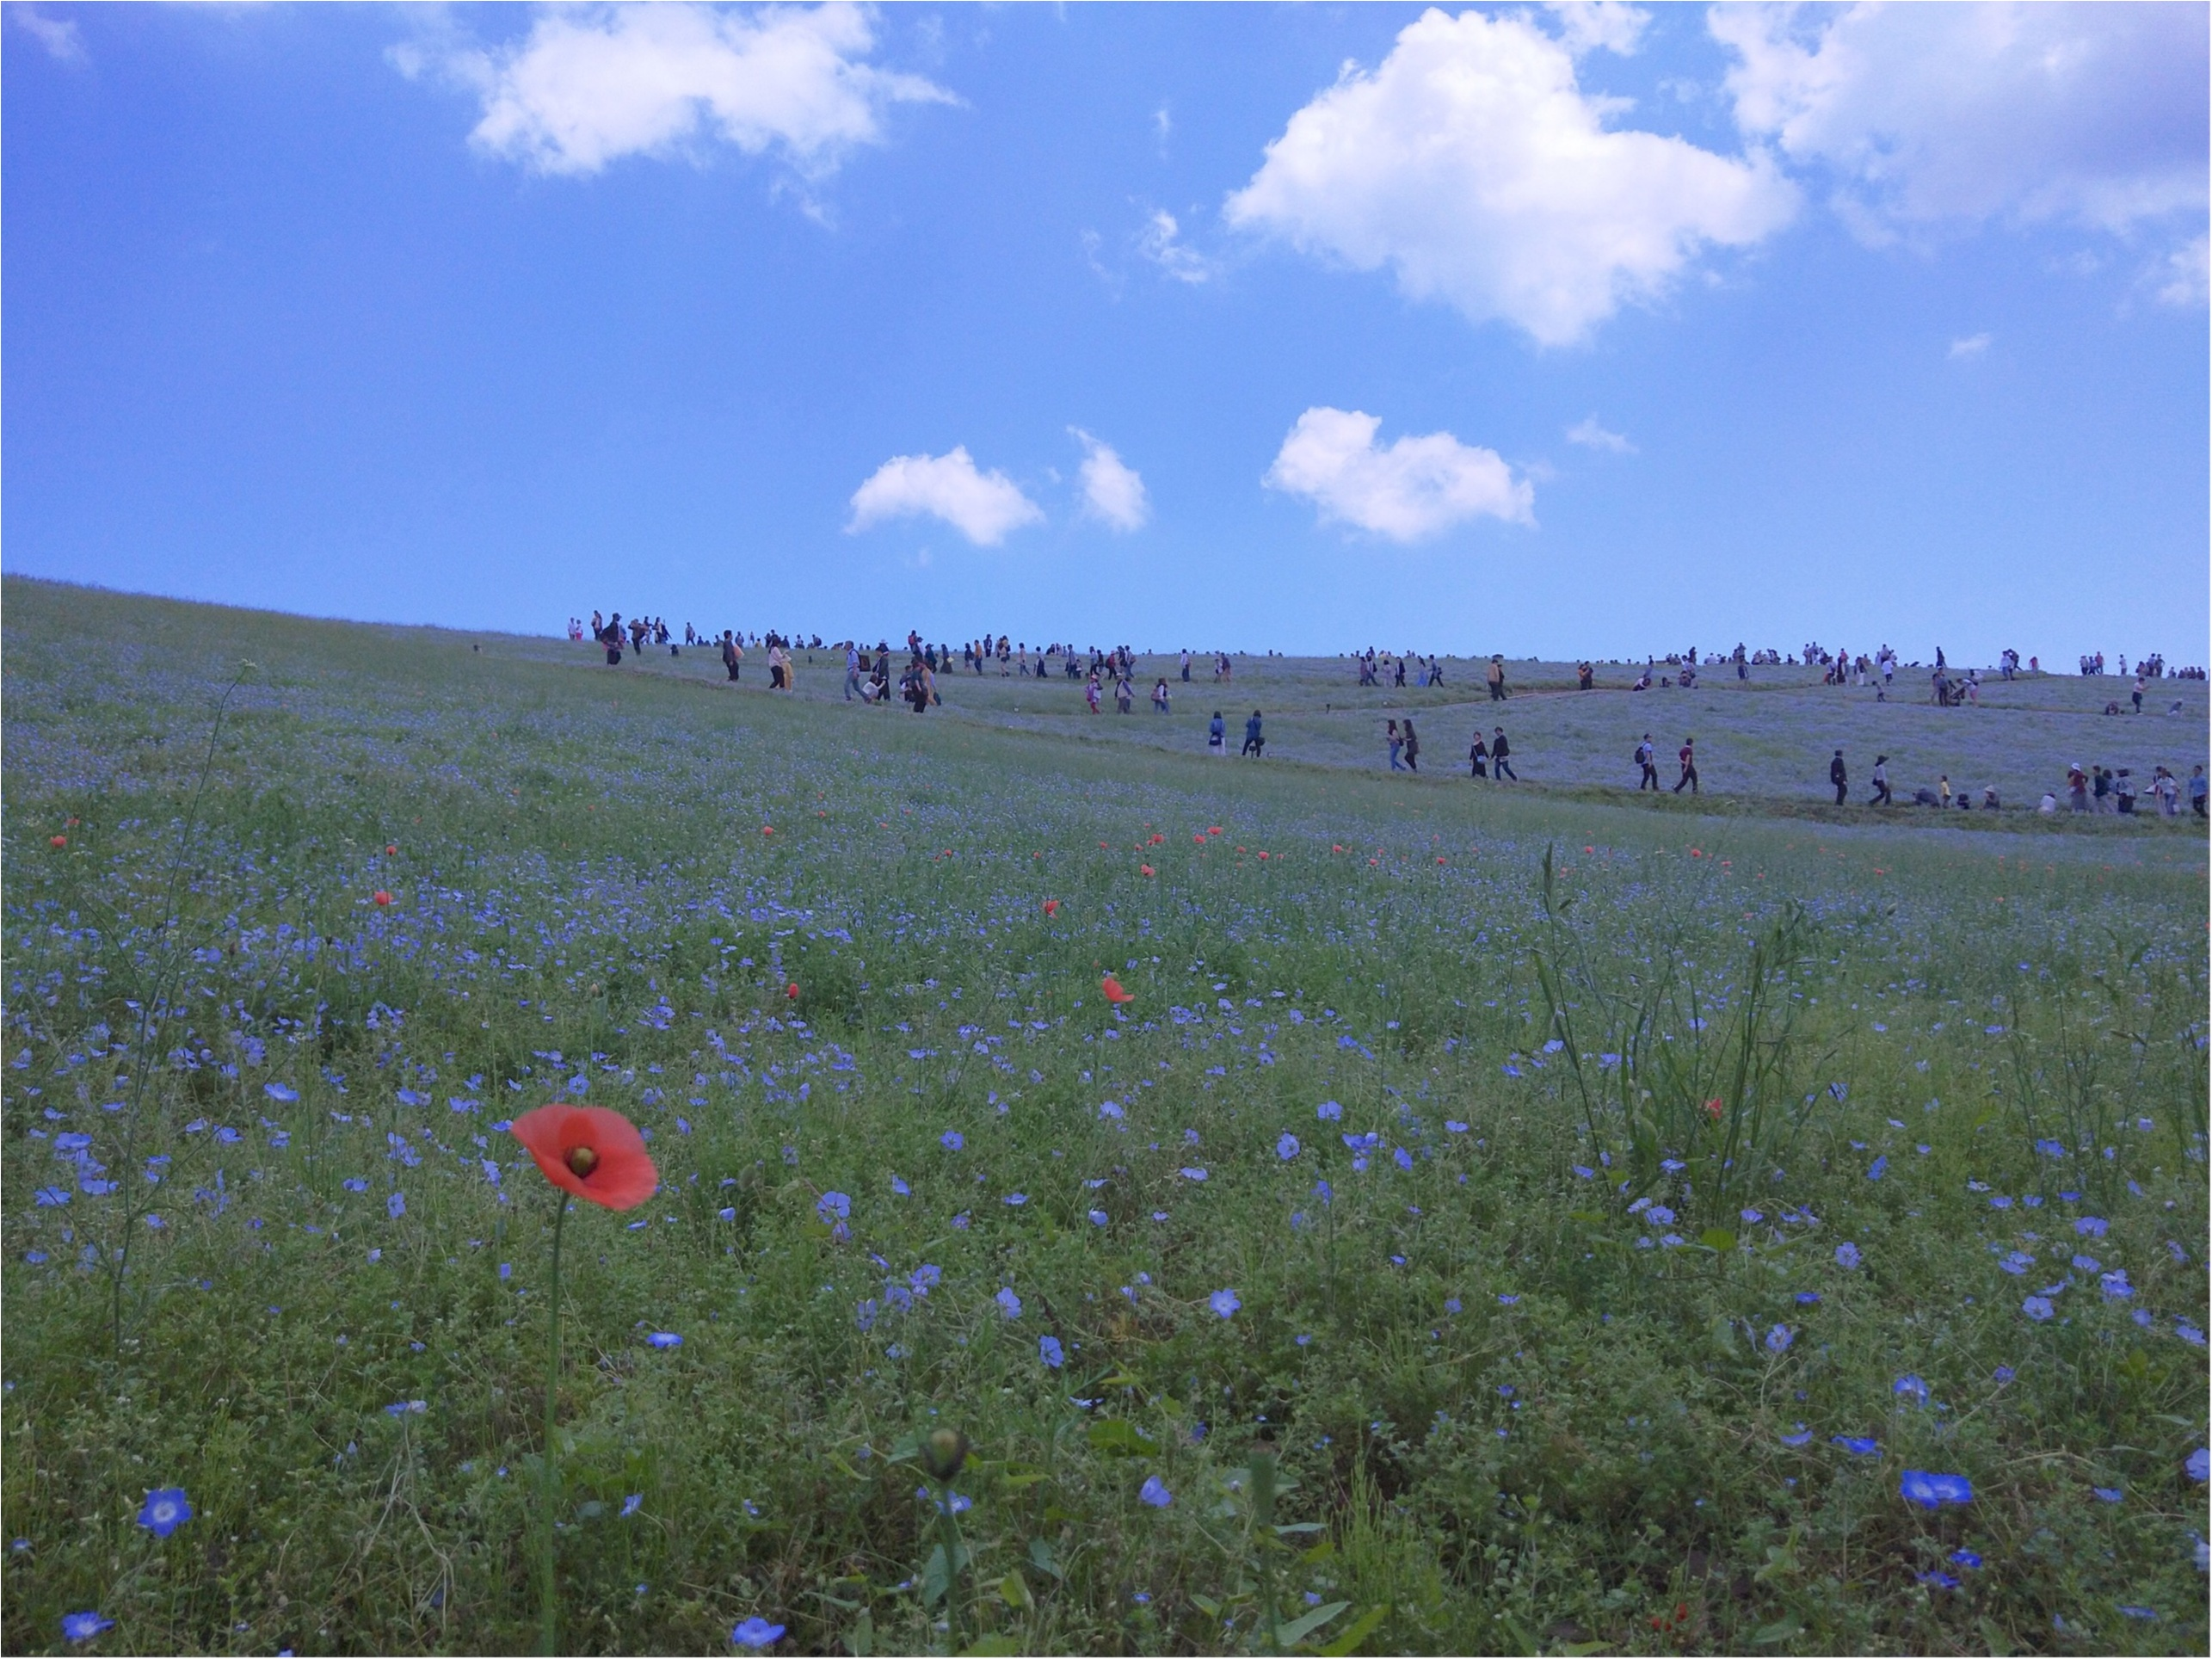 丘一面に広がる青い絨毯「ネモフィラ」観賞と新鮮な海鮮丼を食すバスツアー✨_1_3